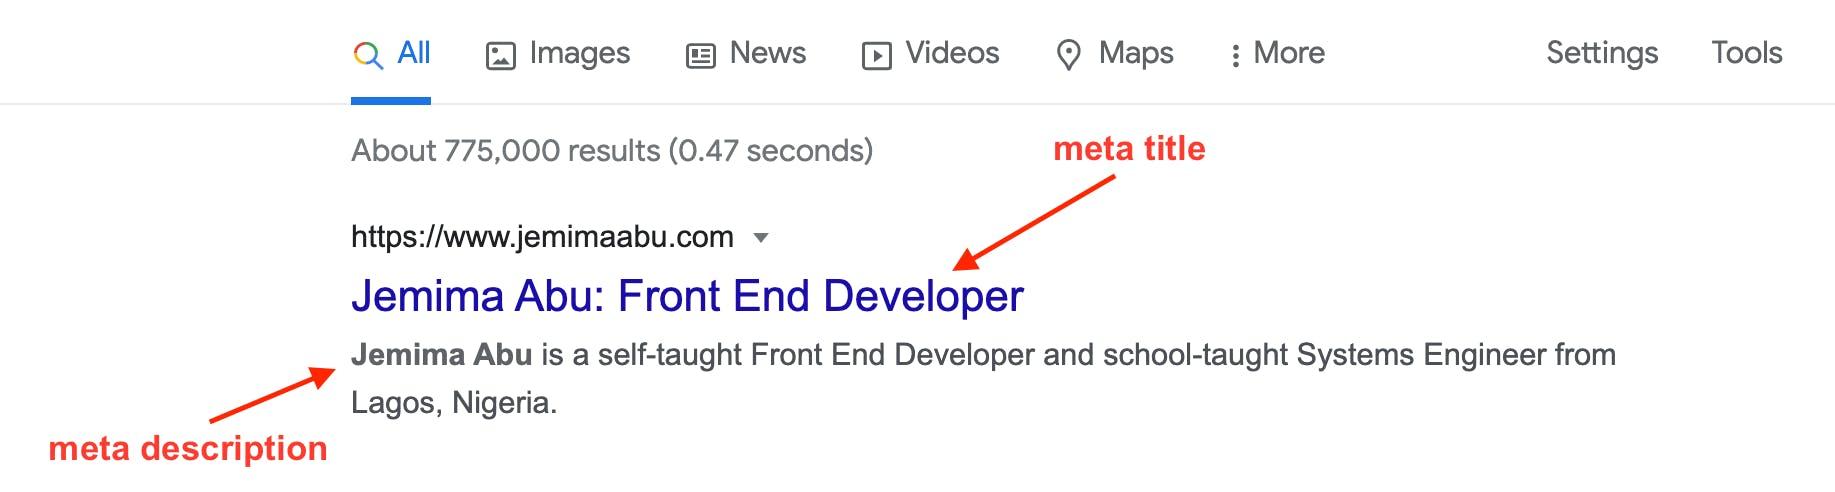 metadata of jemimaabu.com